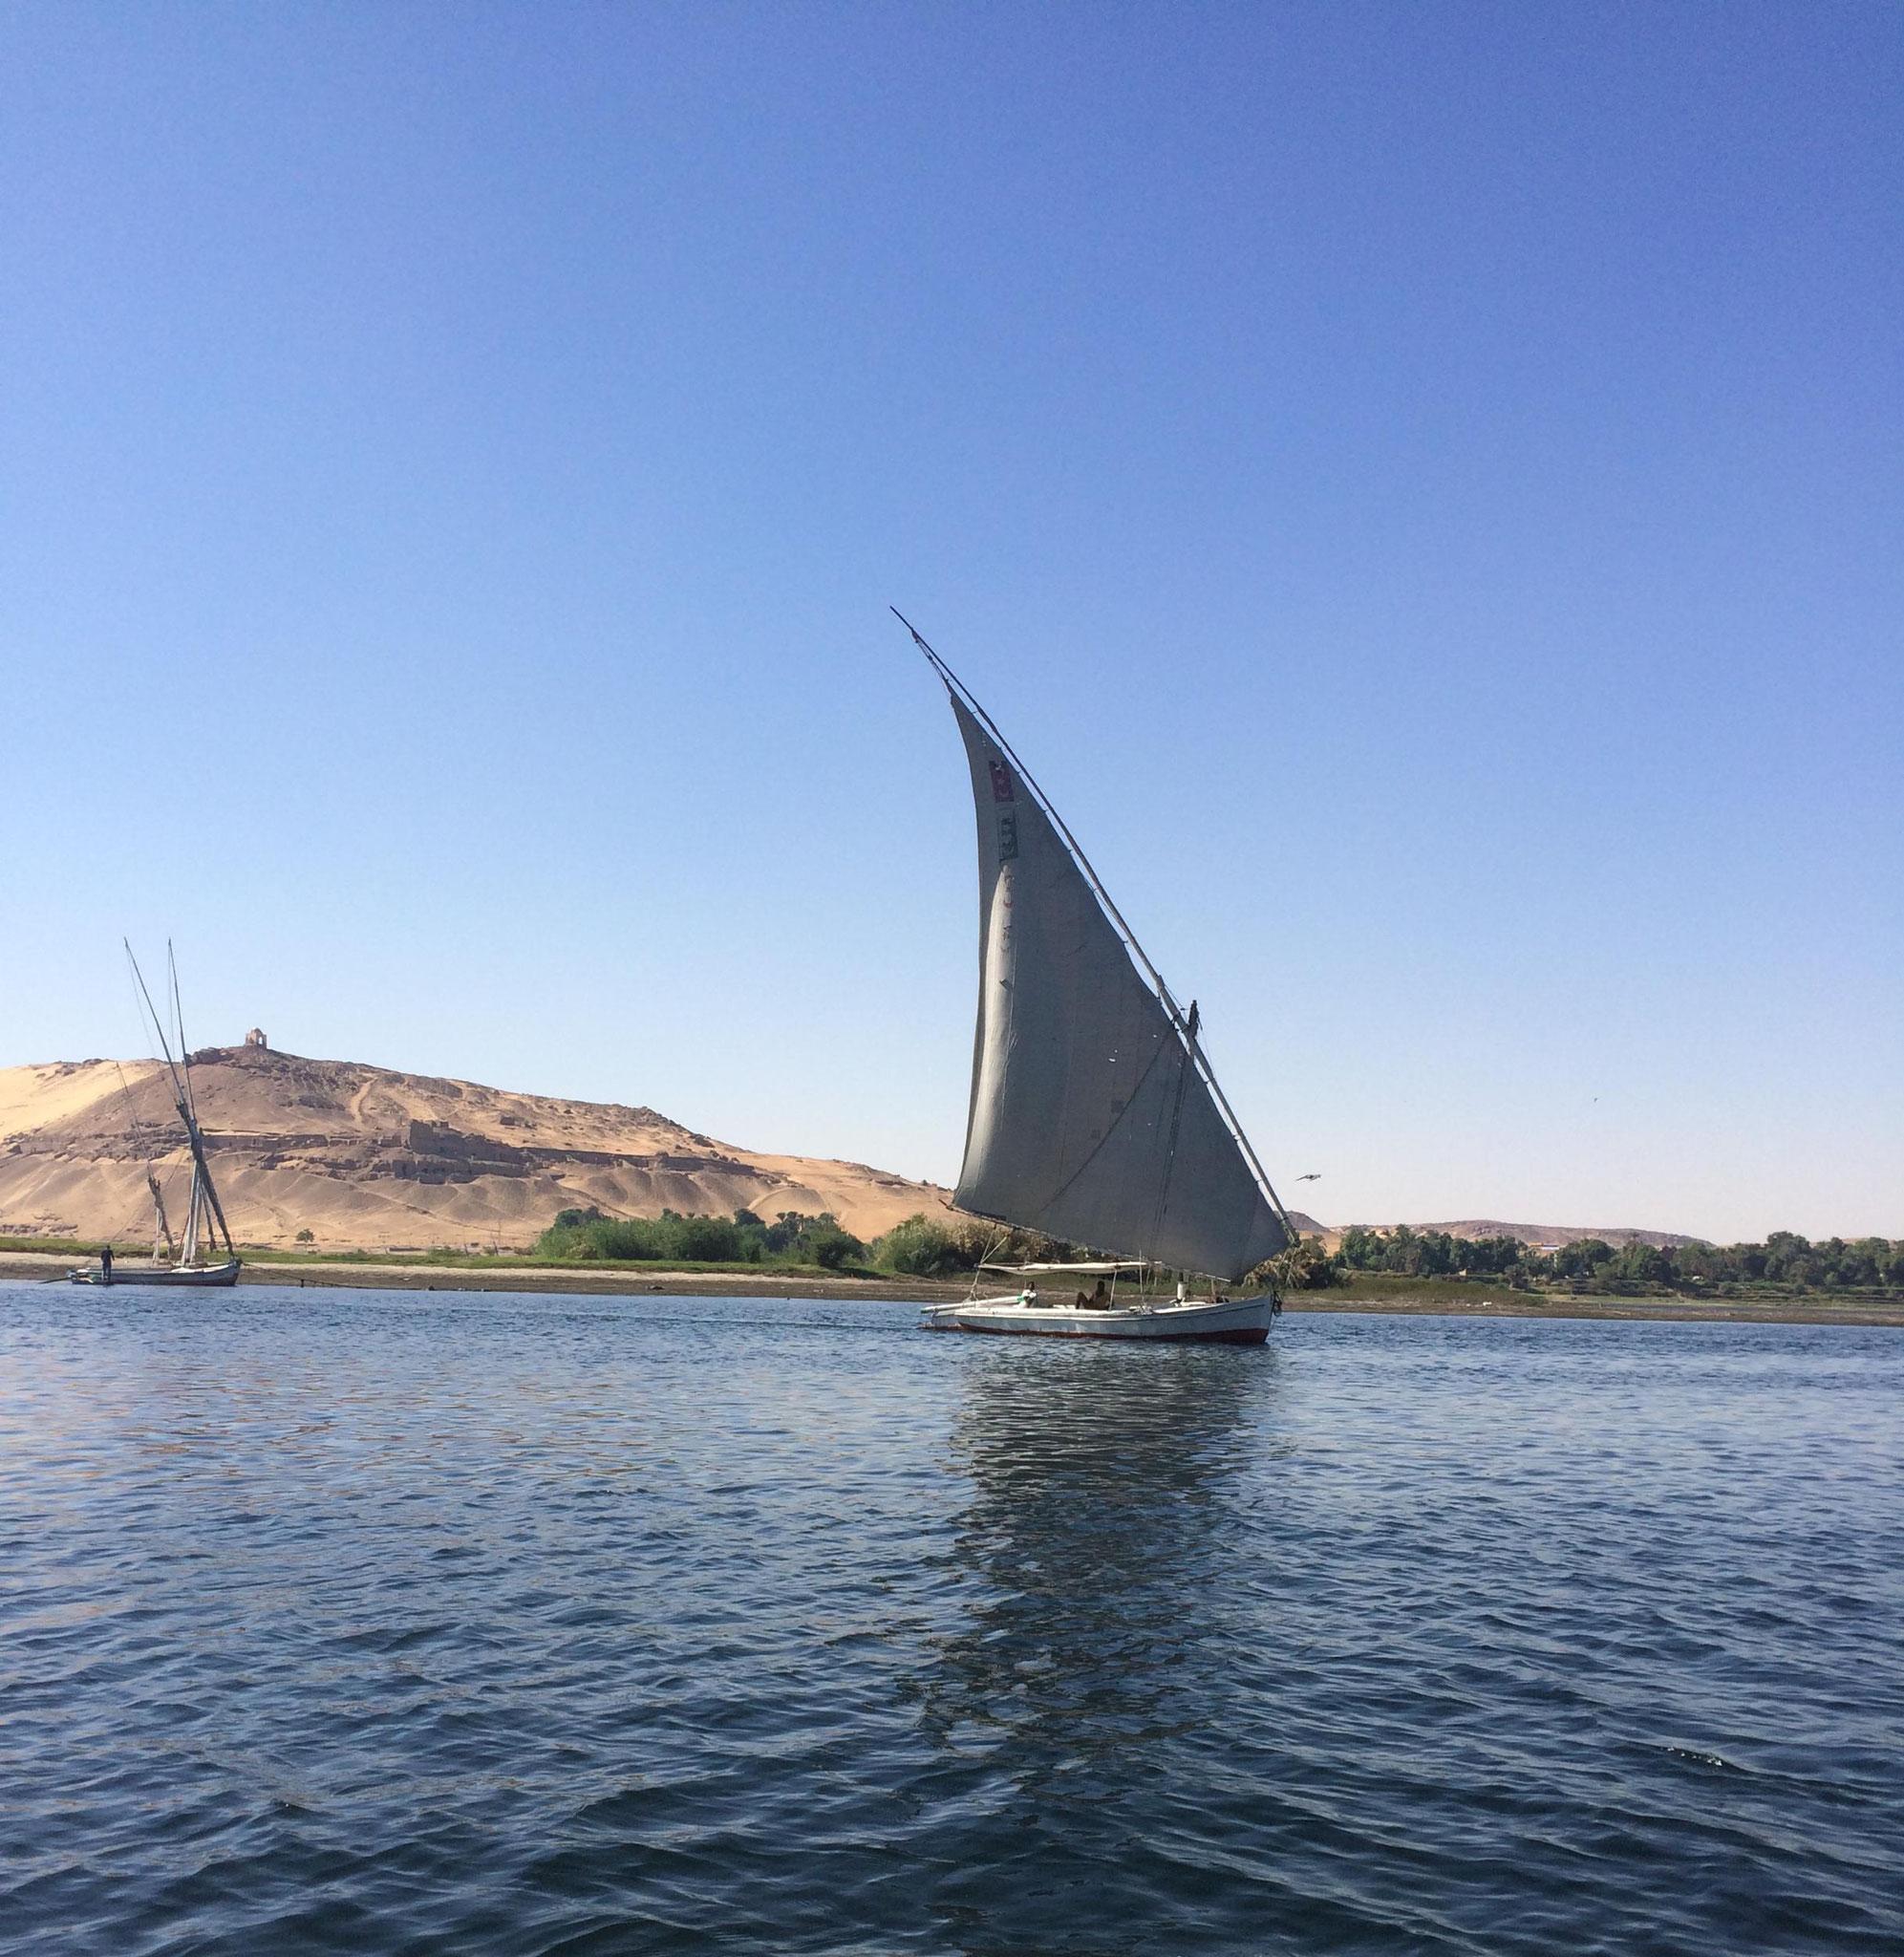 Felouca on the Nile